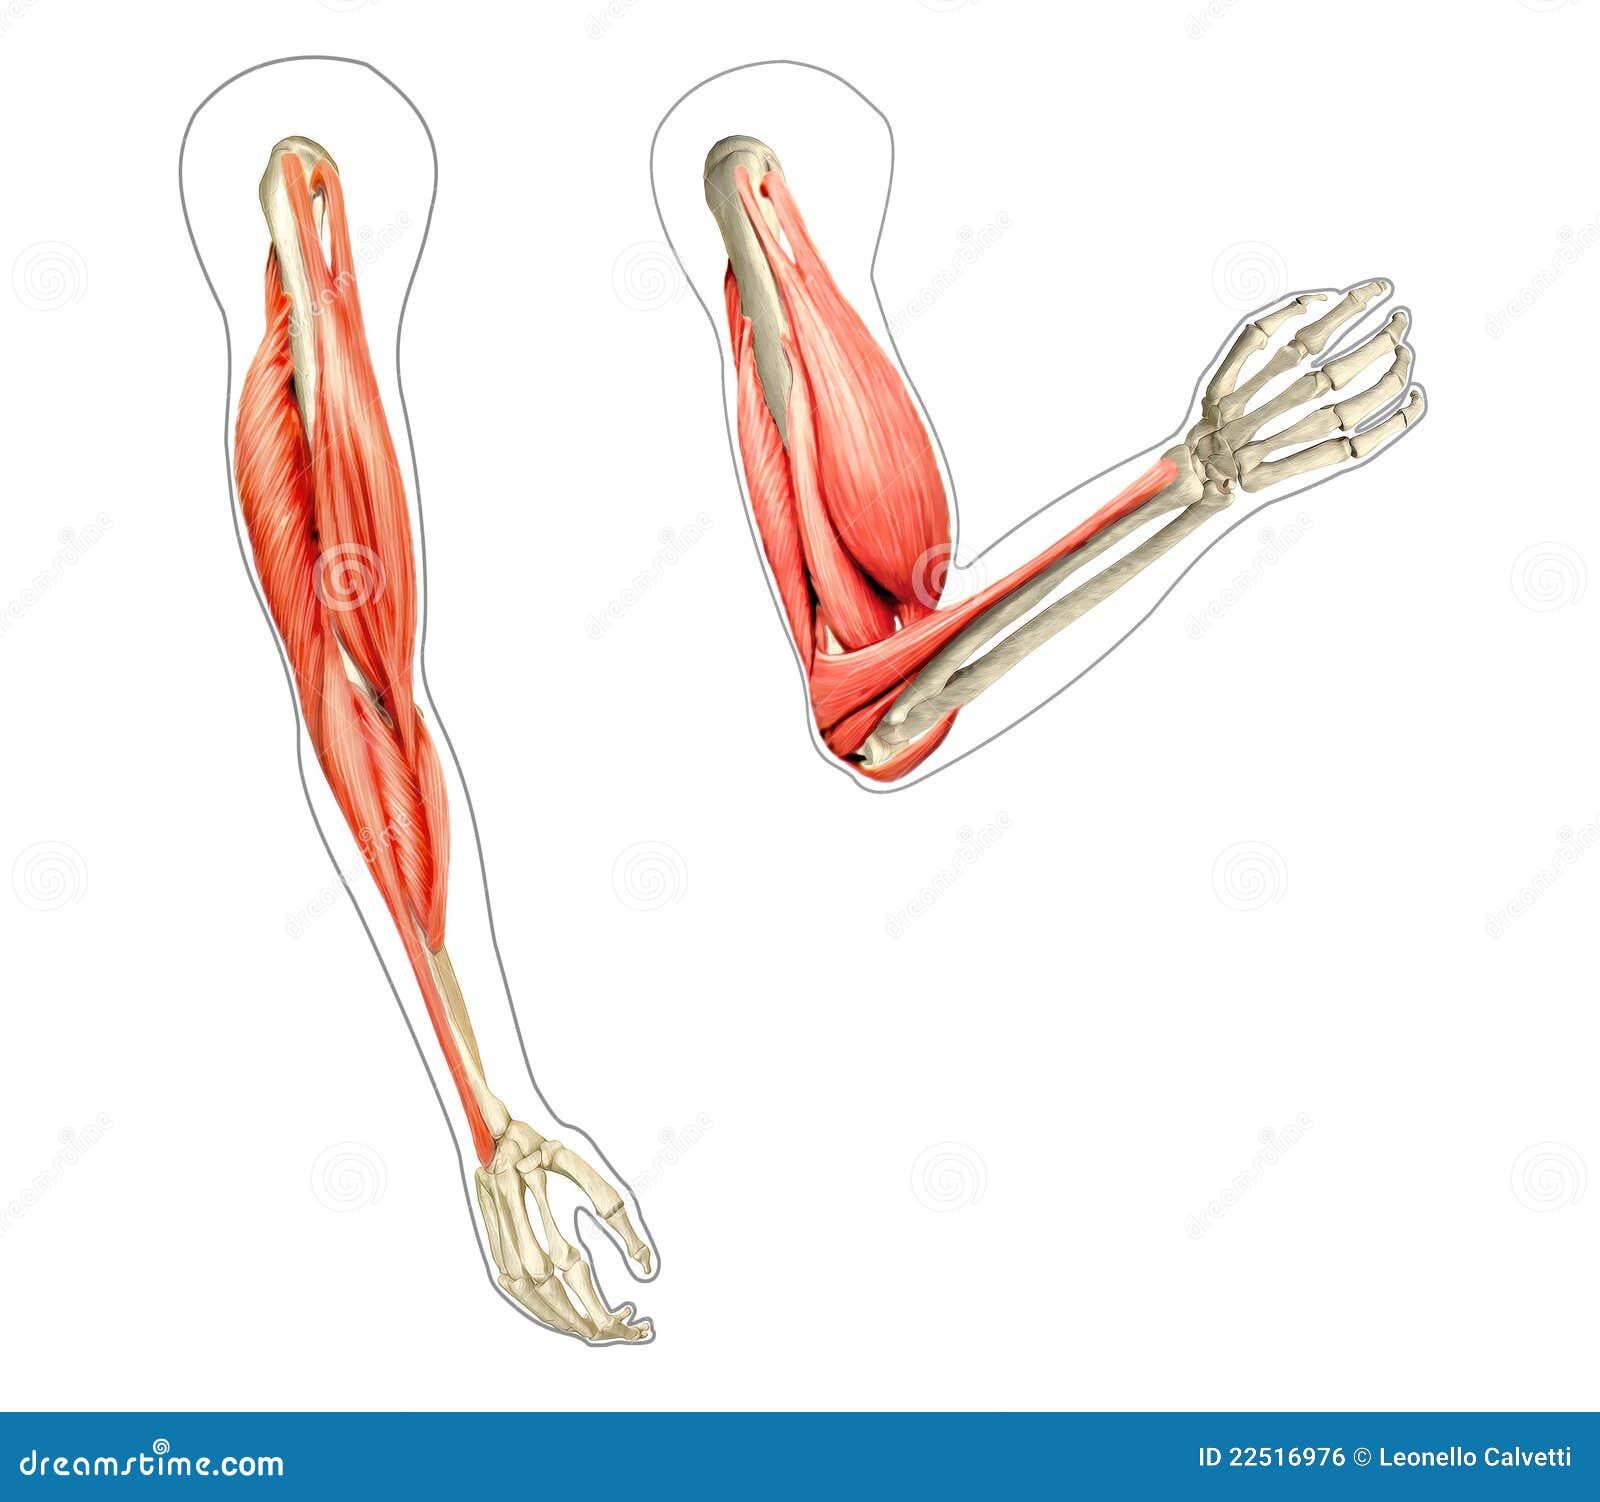 Human Arm Diagr... Human Arms